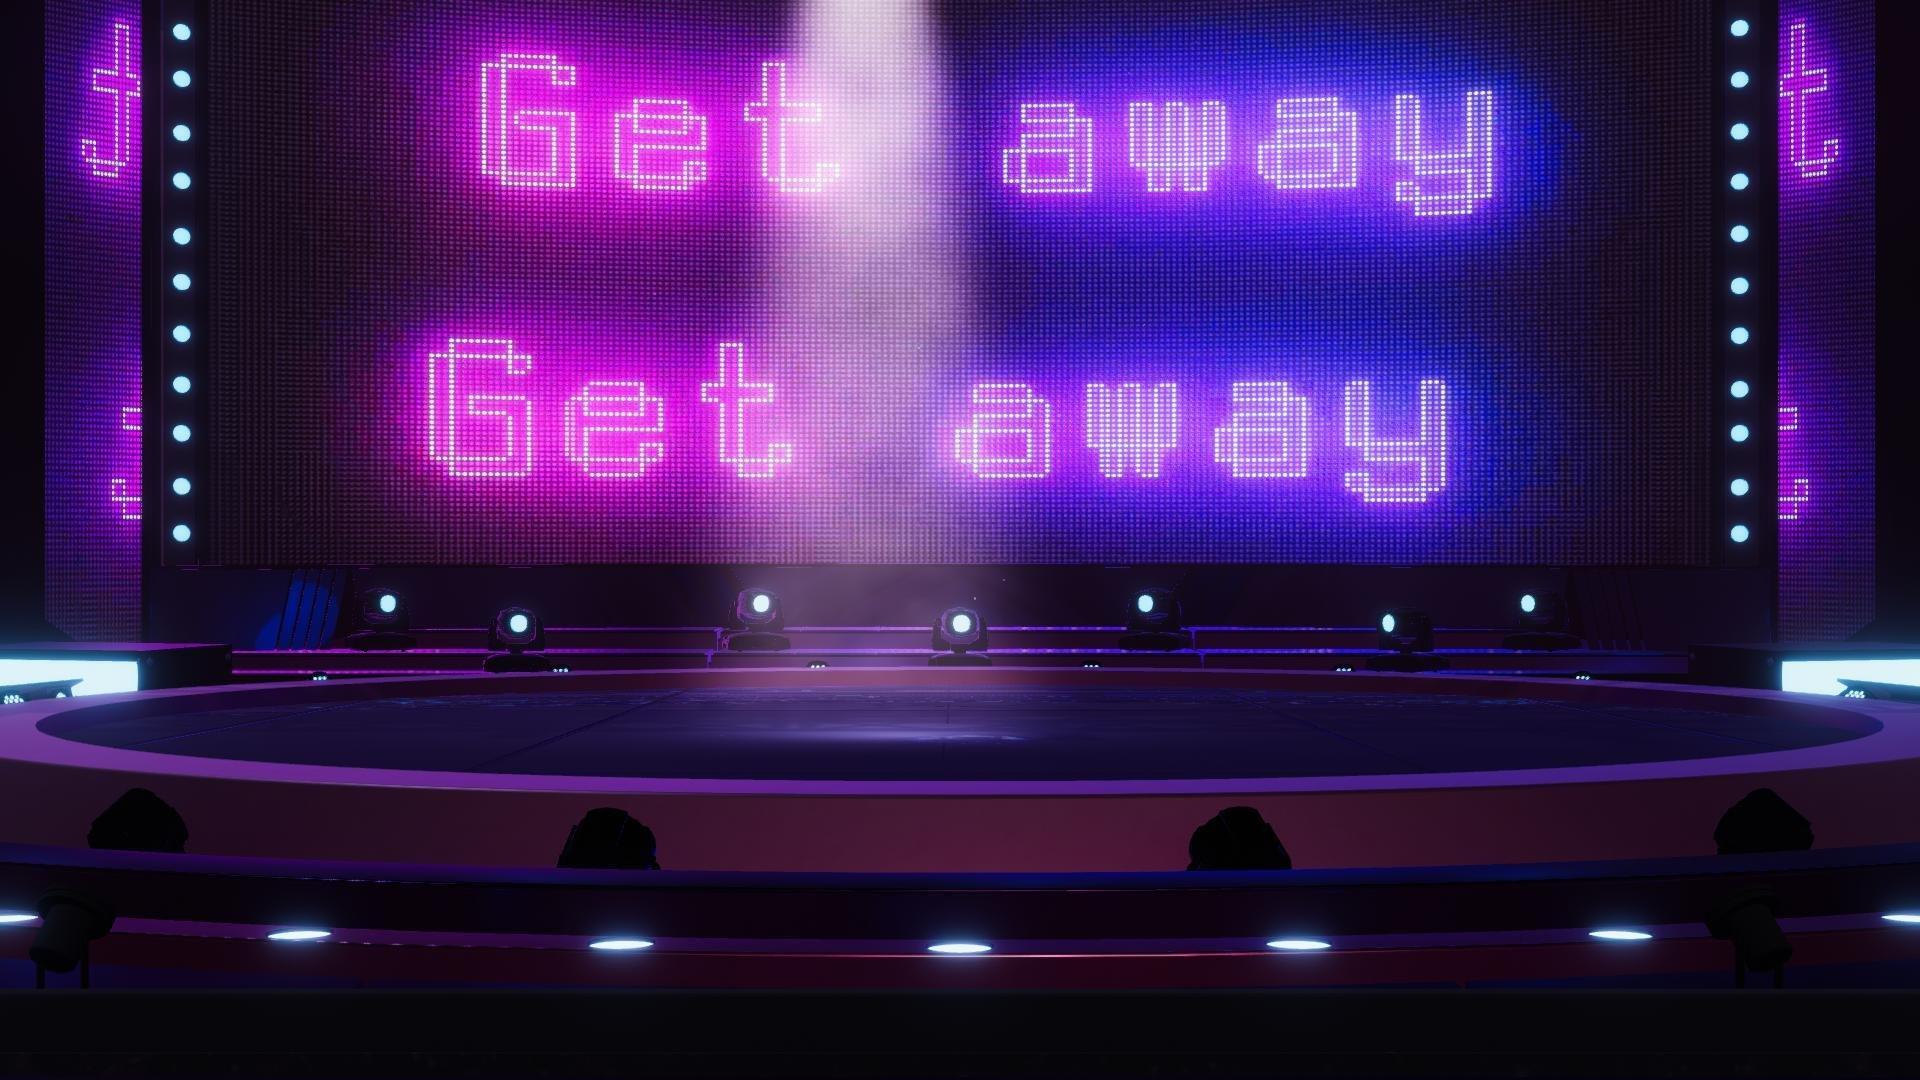 Getaway_BG_A.jpg